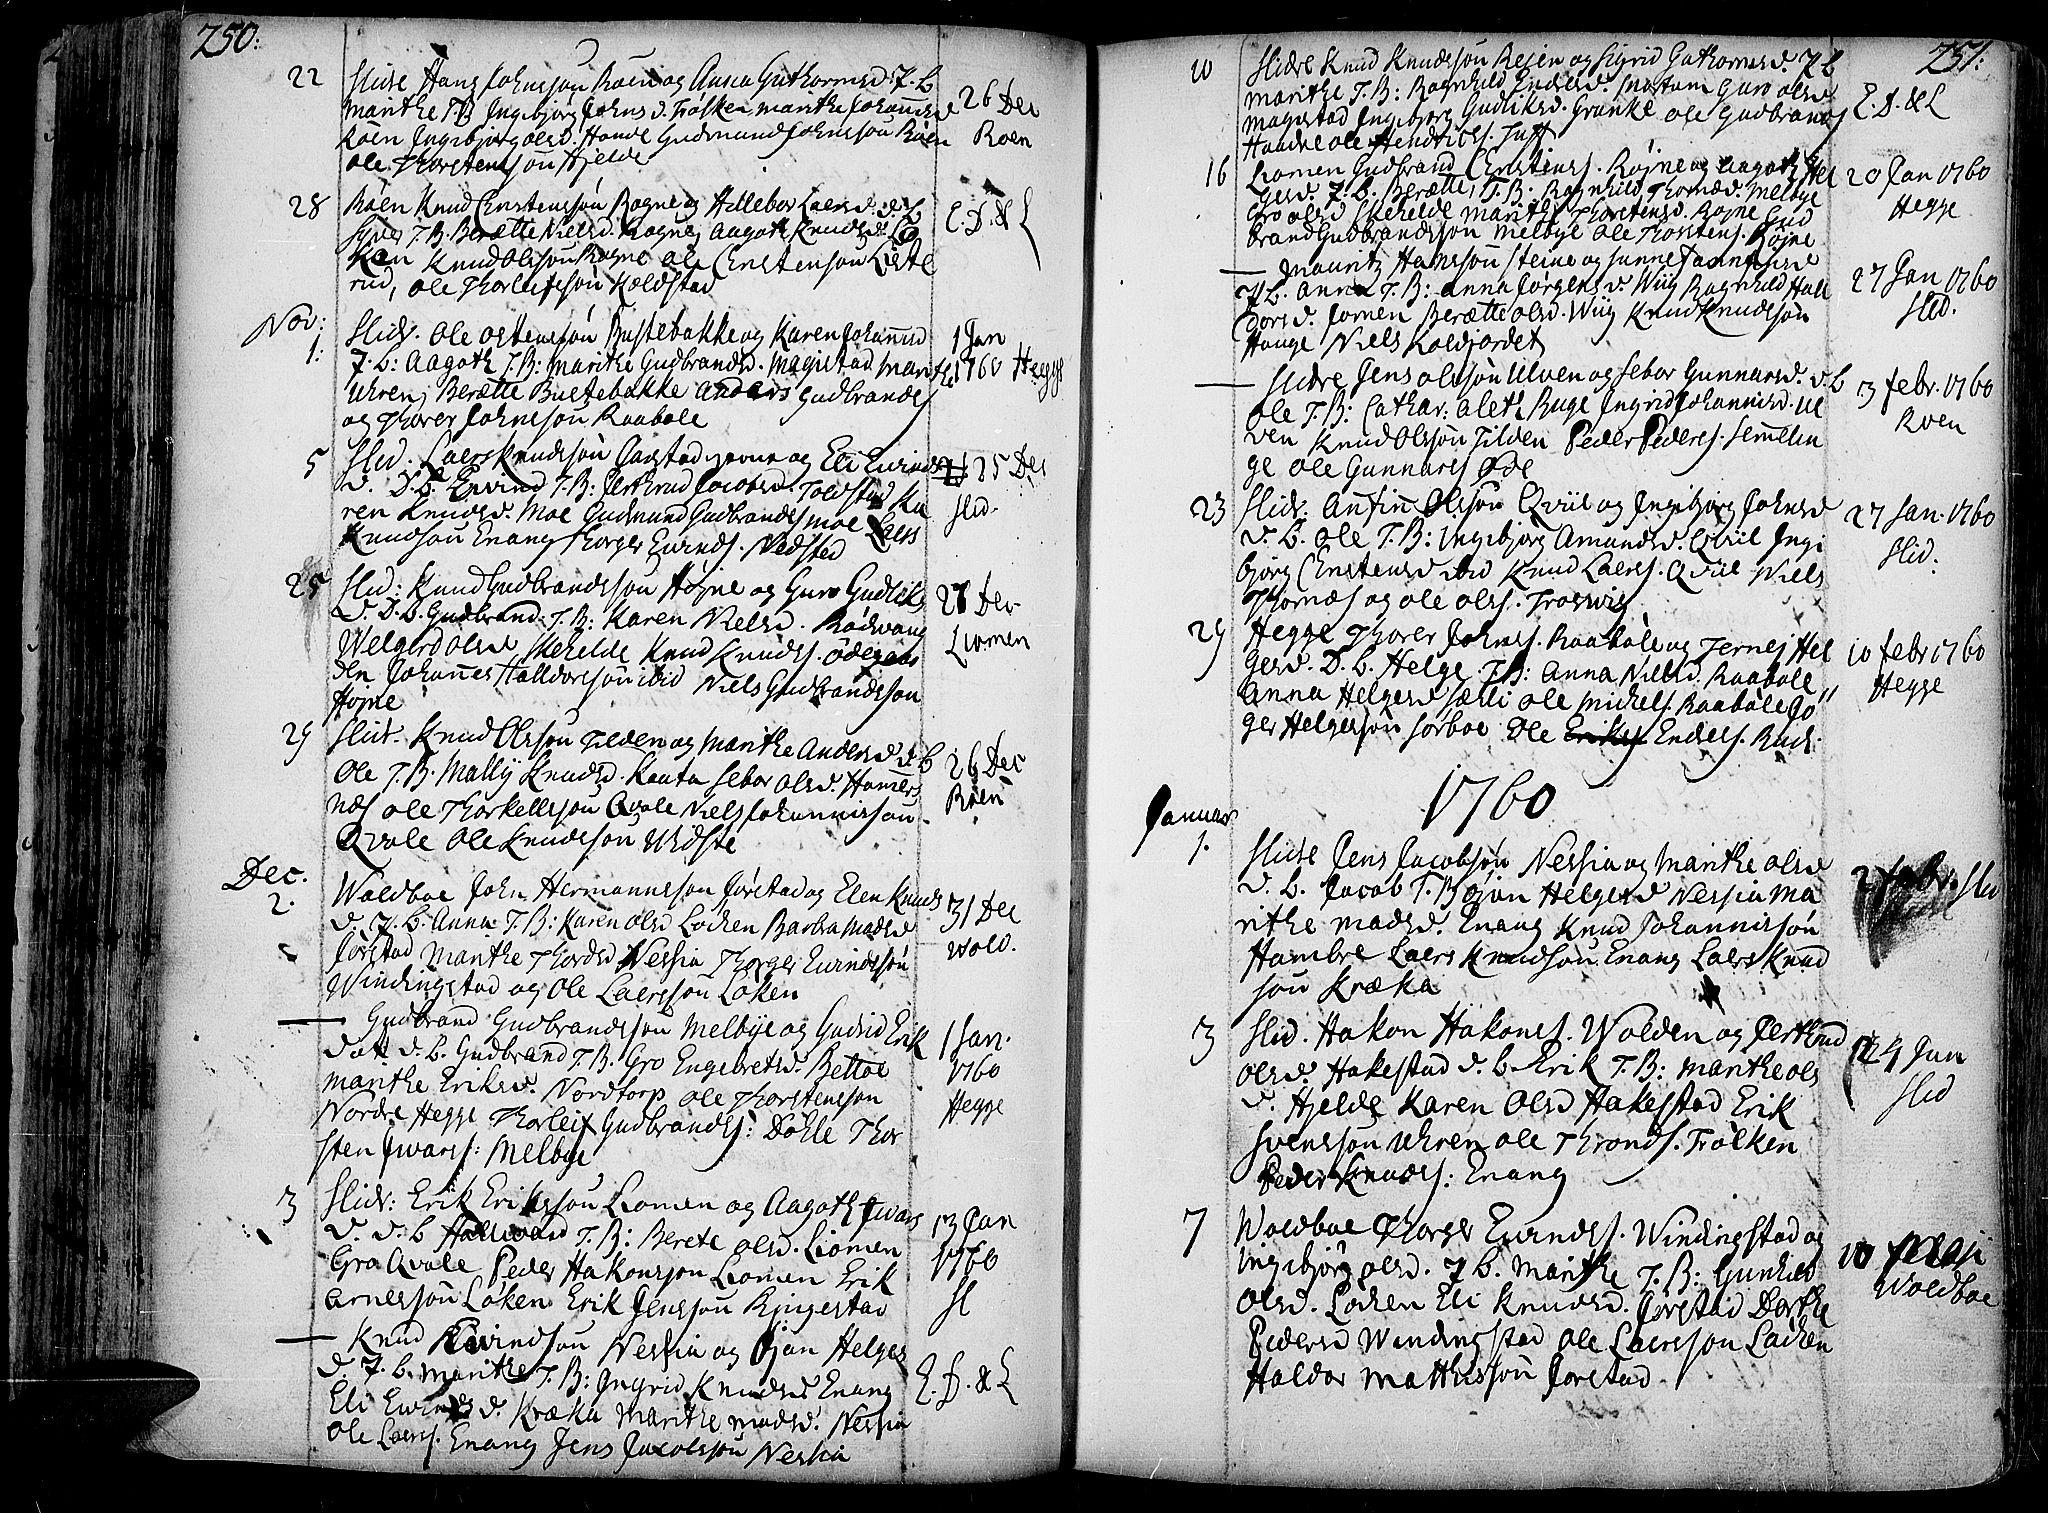 SAH, Slidre prestekontor, Ministerialbok nr. 1, 1724-1814, s. 250-251